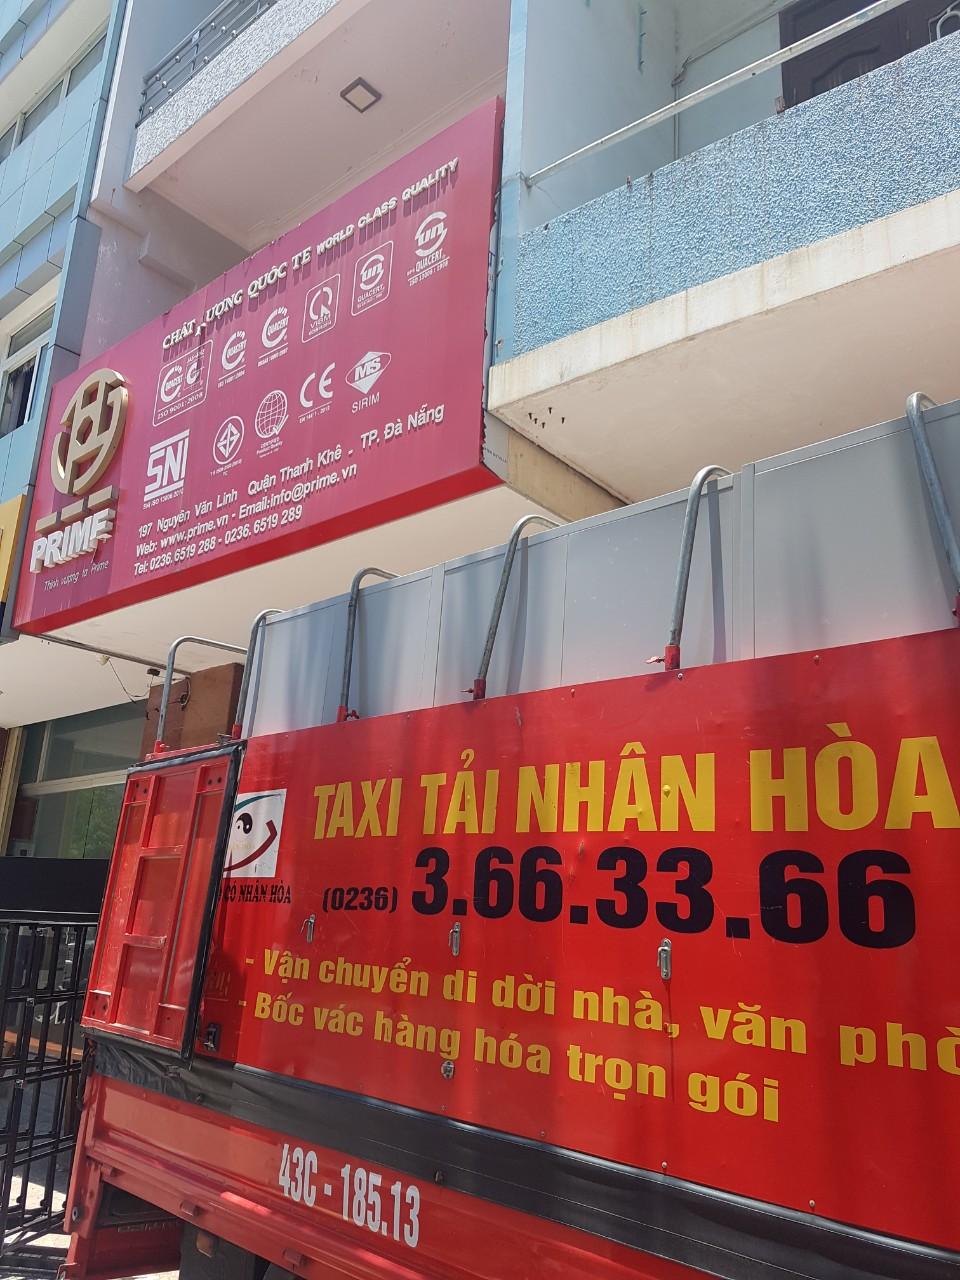 Giá Dịch Vụ Chuyển Văn Phòng Trọn Gói Giá Rẻ Tại Đà Nẵng